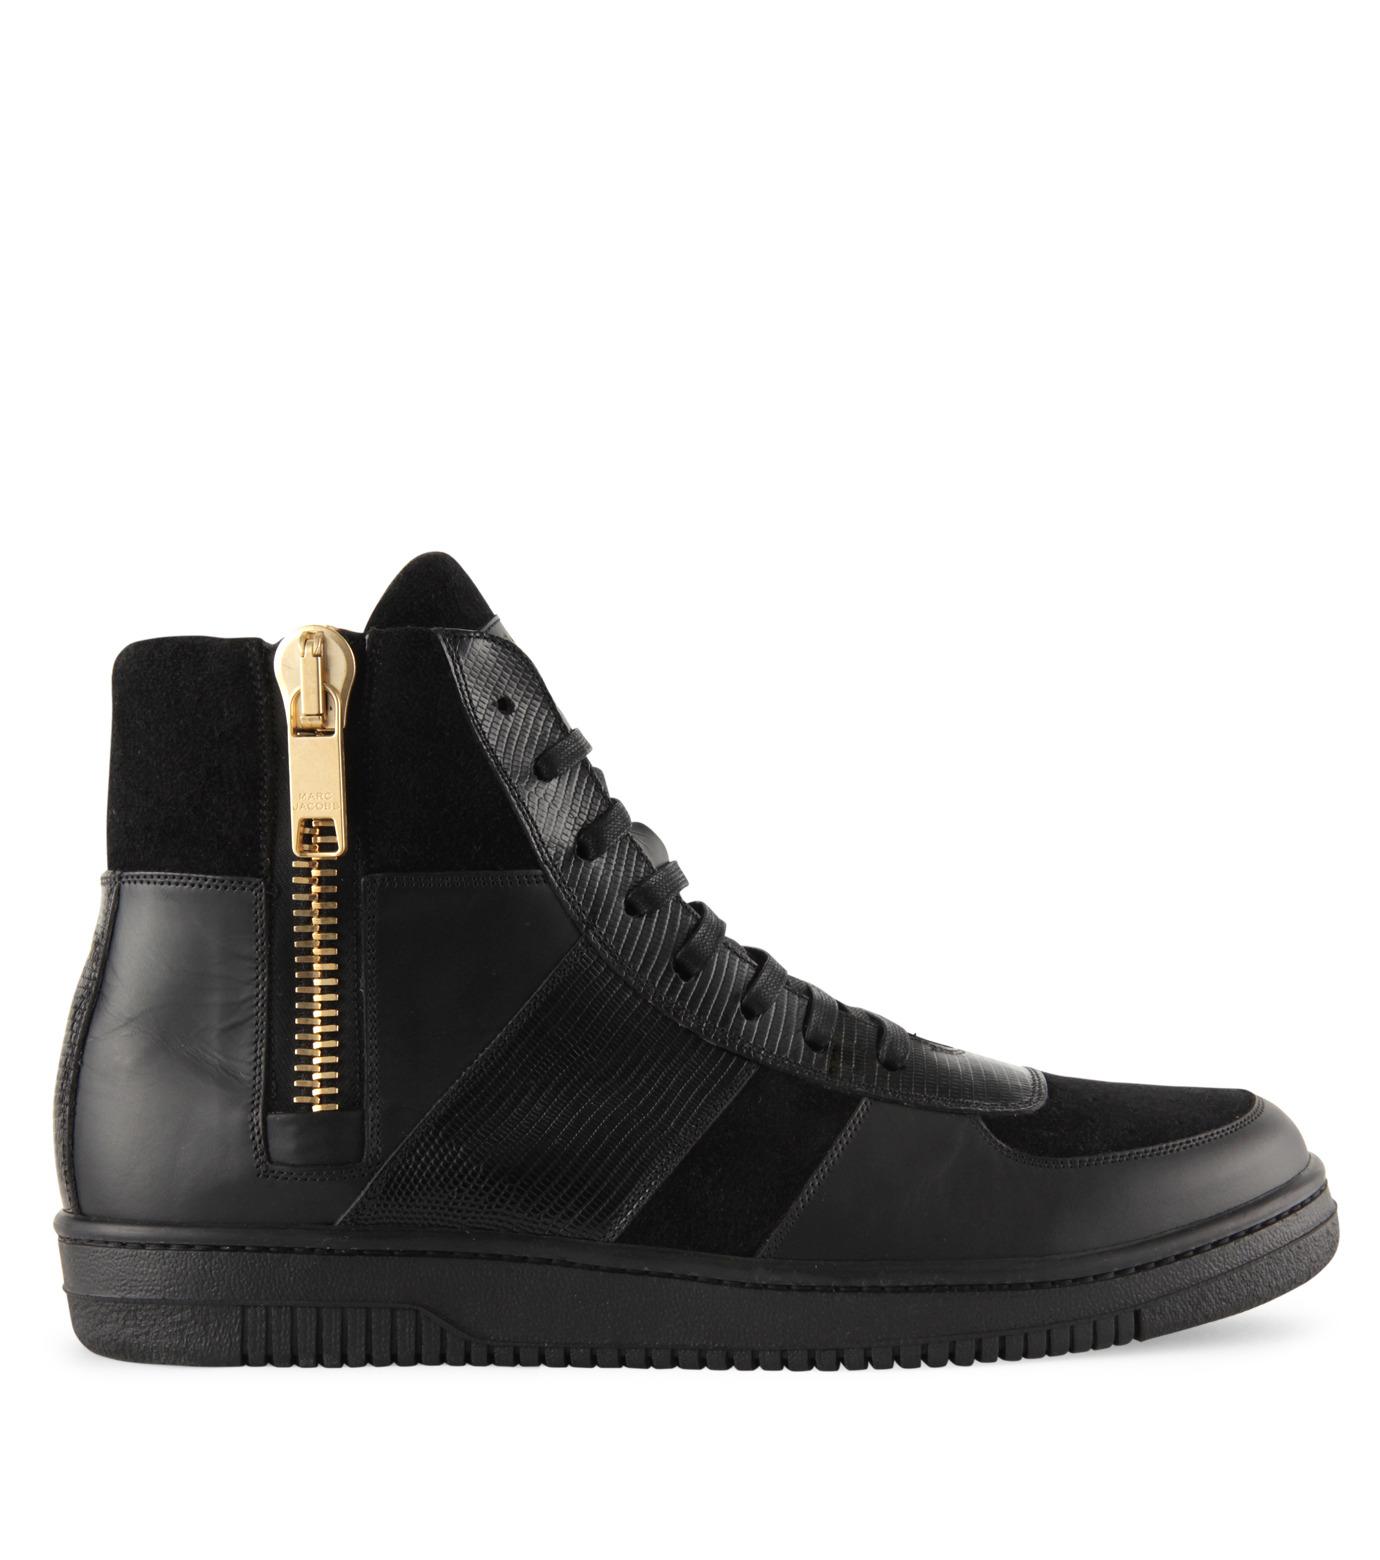 Marc Jacobs(マーク ジェイコブス)のSide zip sneaker-BLACK-WS0076-13 拡大詳細画像1